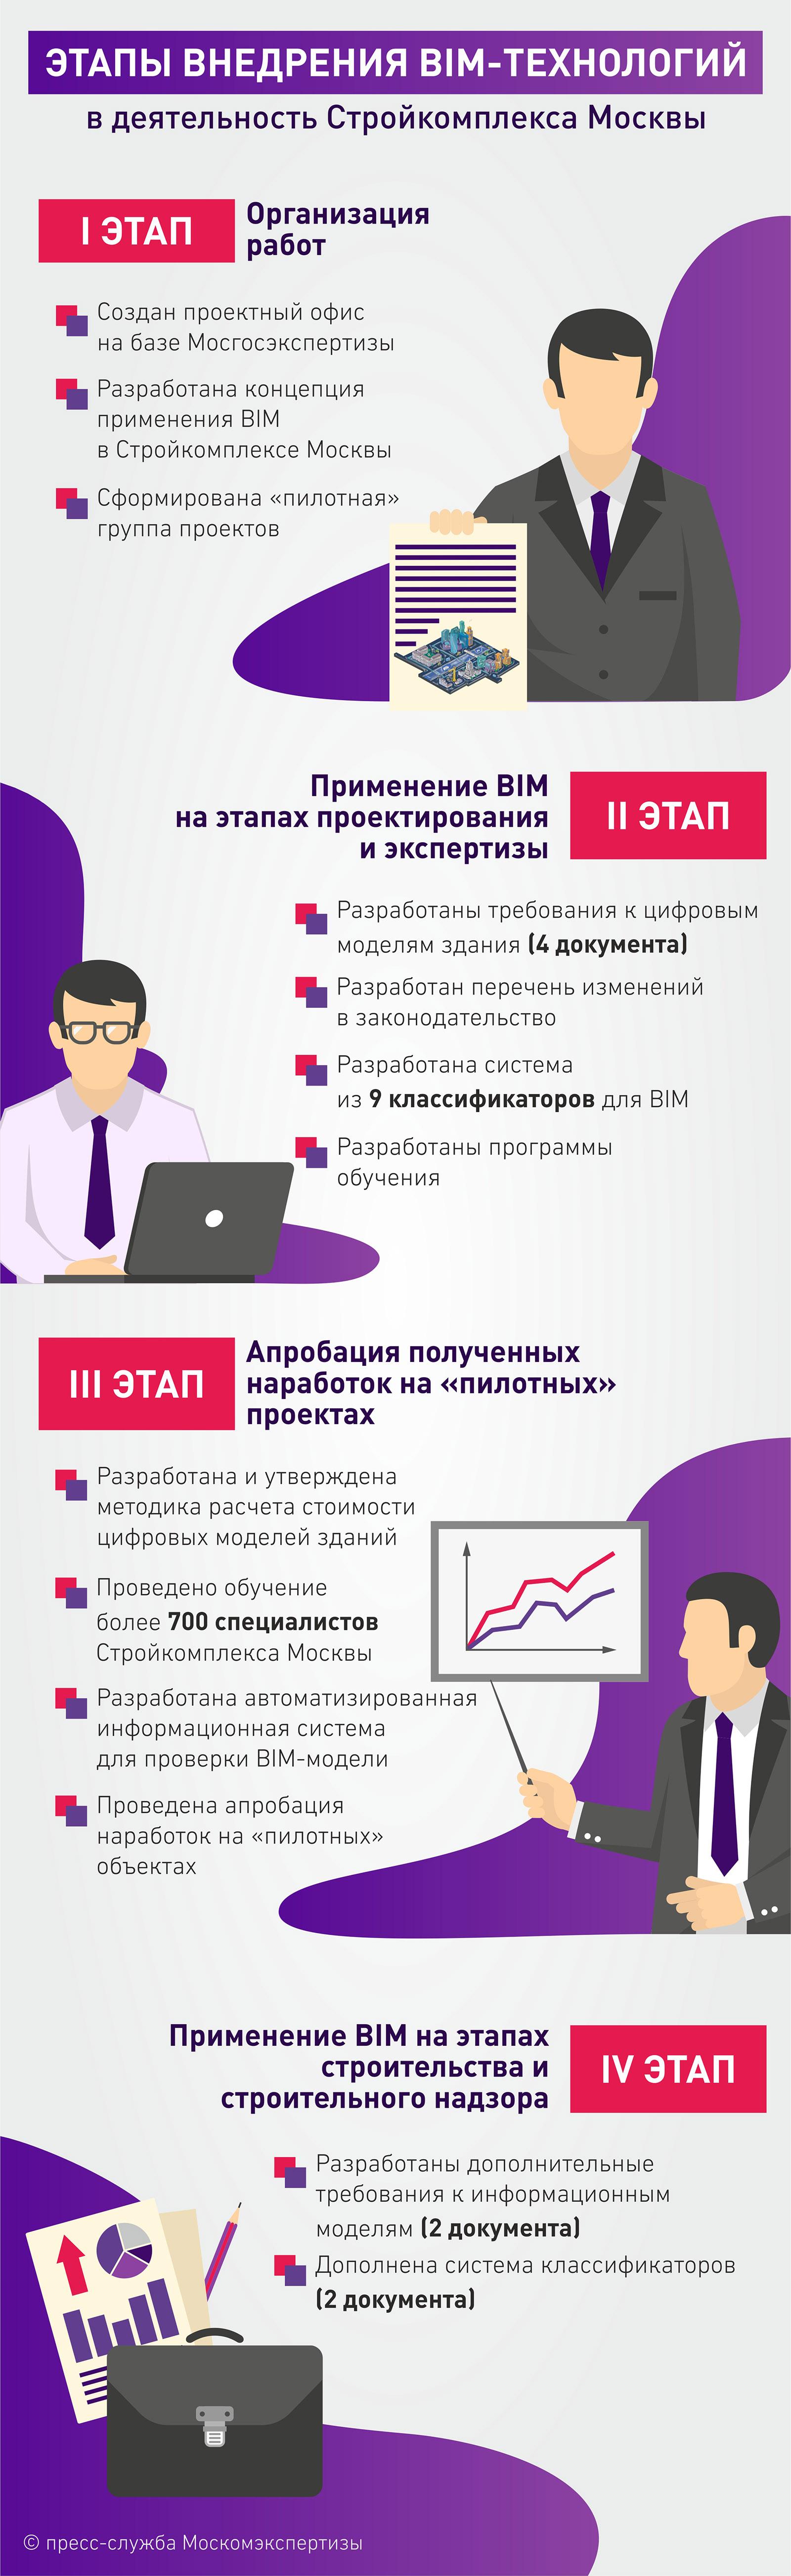 Медицинская книжка в Москве Восточное Дегунино недорого официально без присутствия